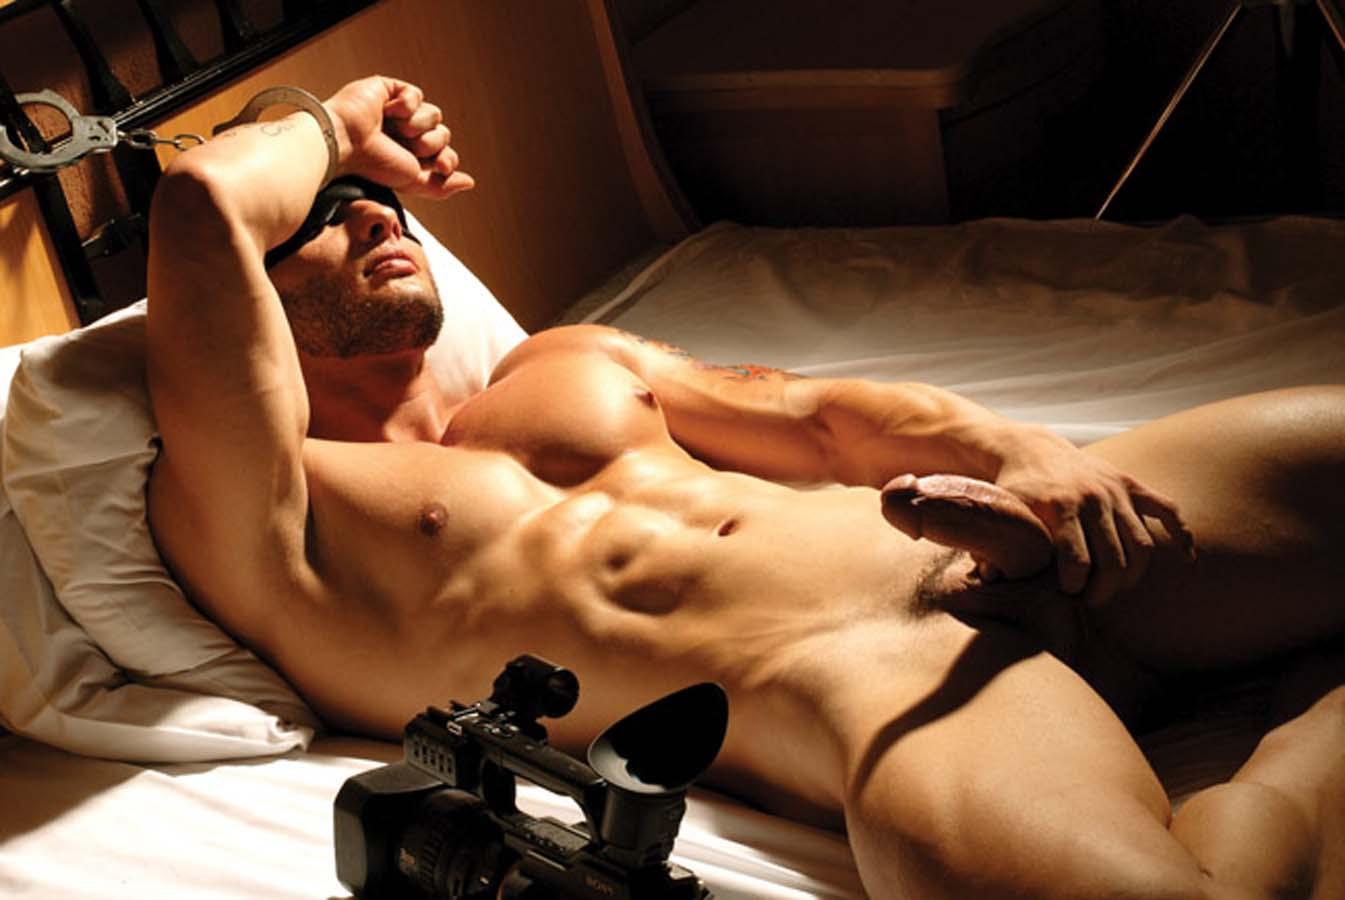 Эротика мужики голые, Голые парни: порно видео онлайн, смотреть порно на 10 фотография